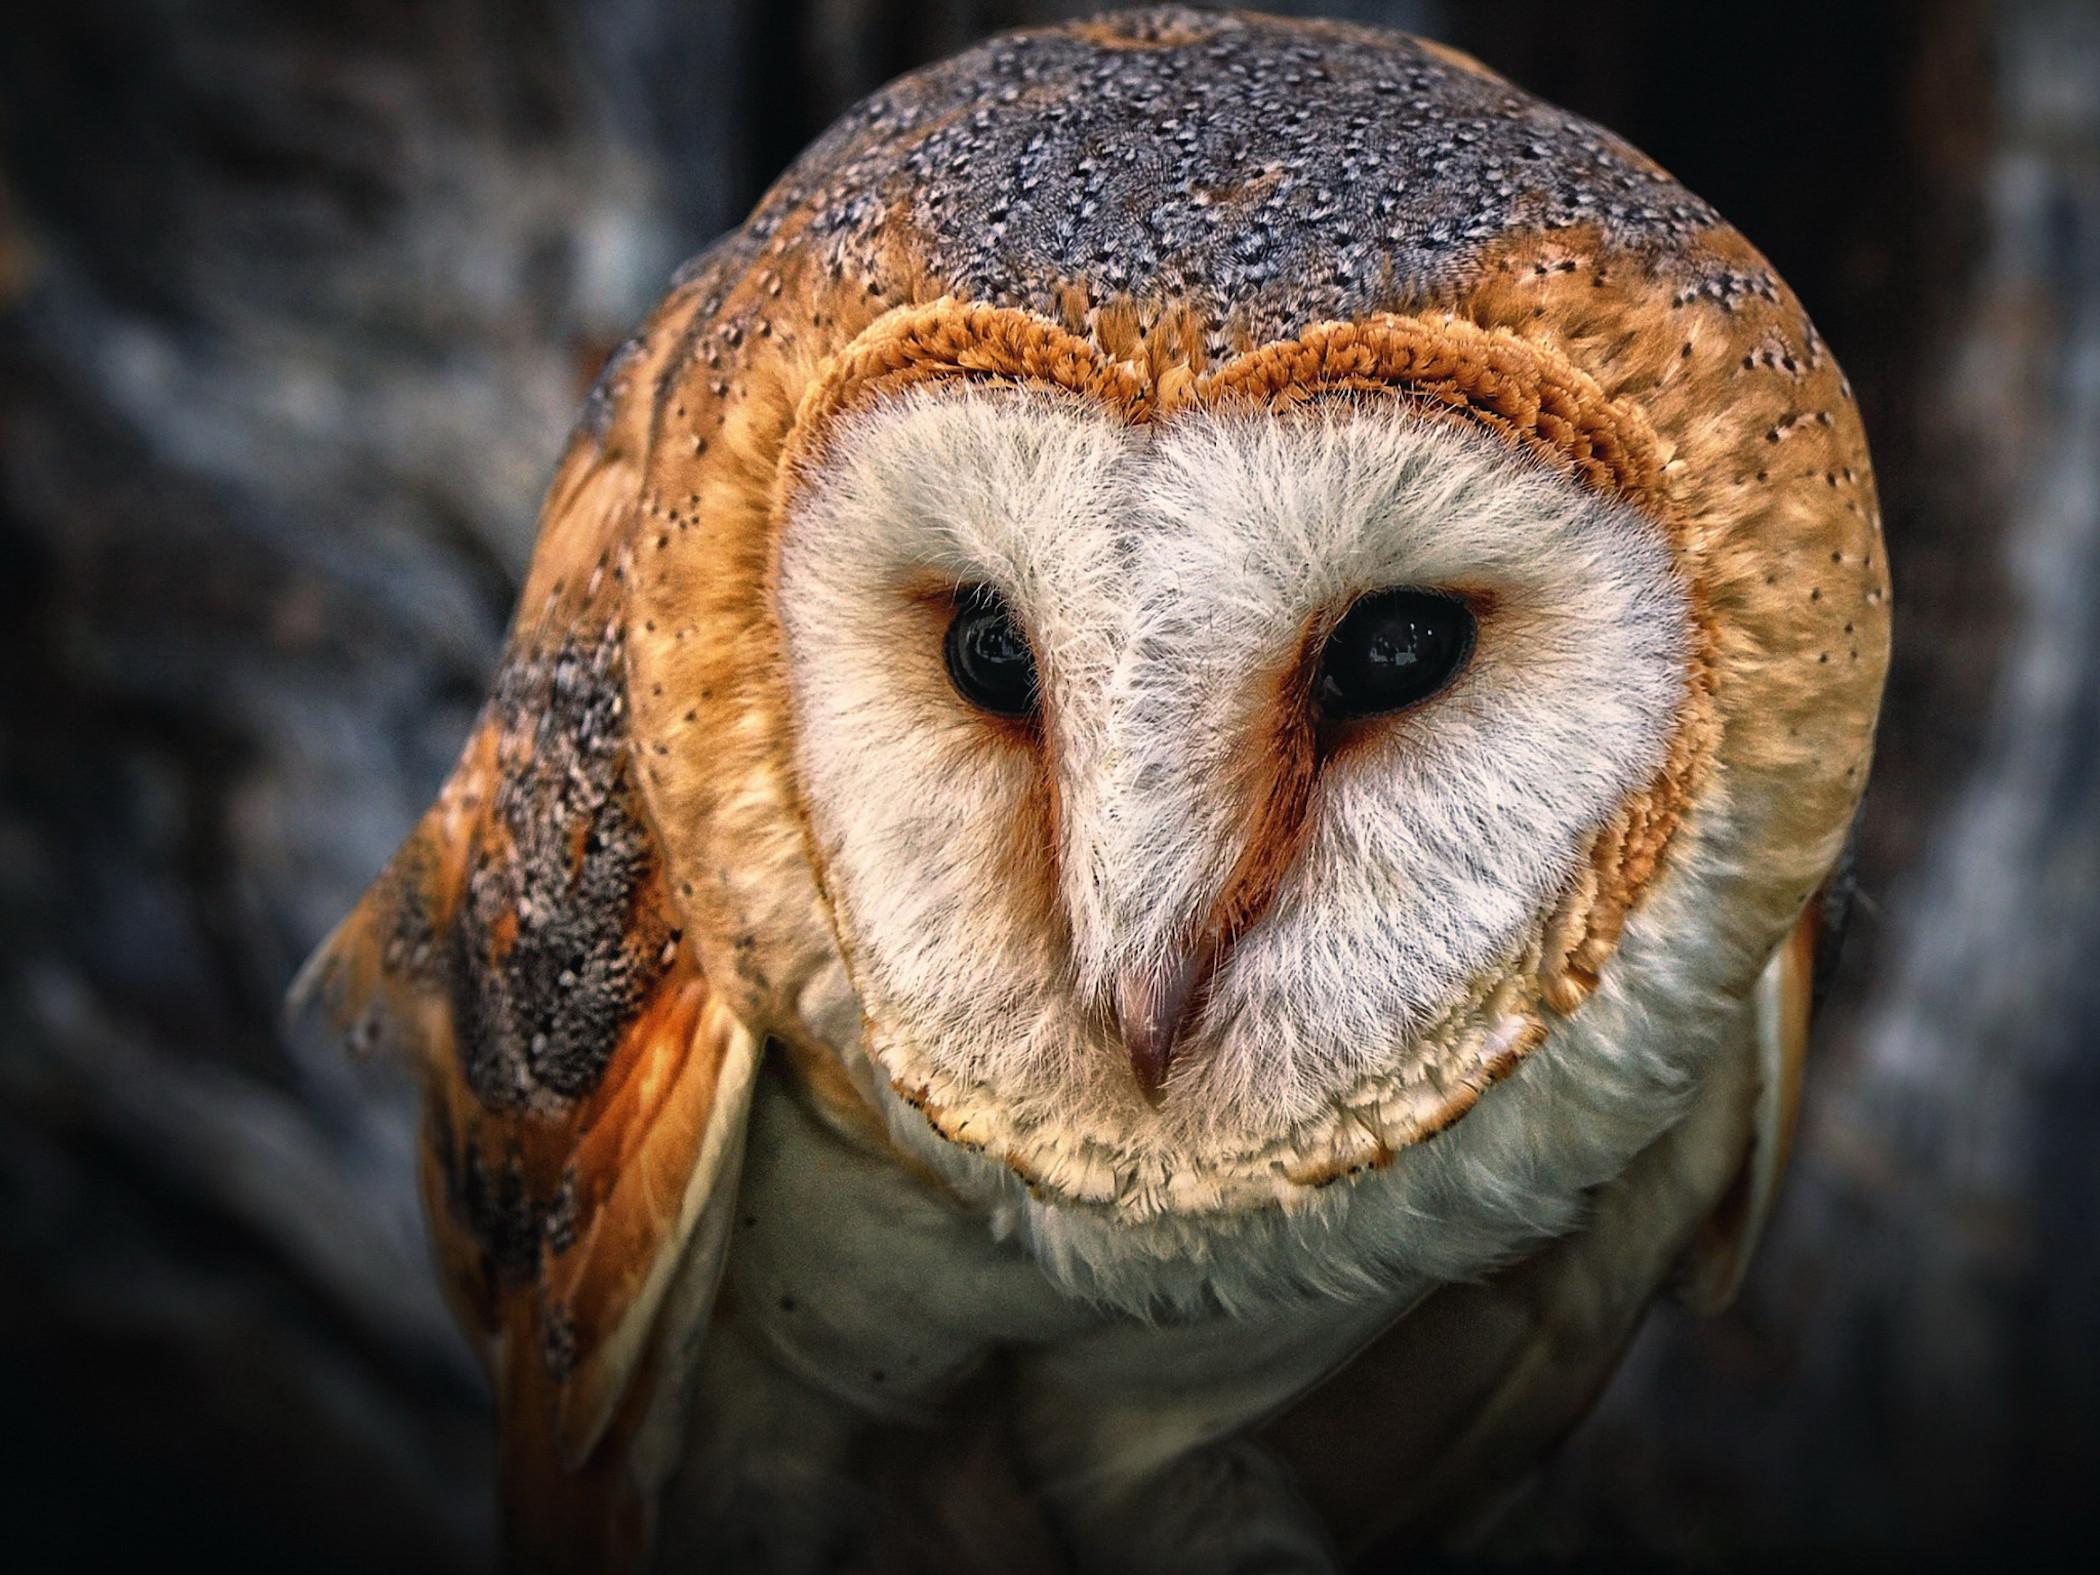 Barn Owl HD Wallpaper - Free Owl HD Downloads